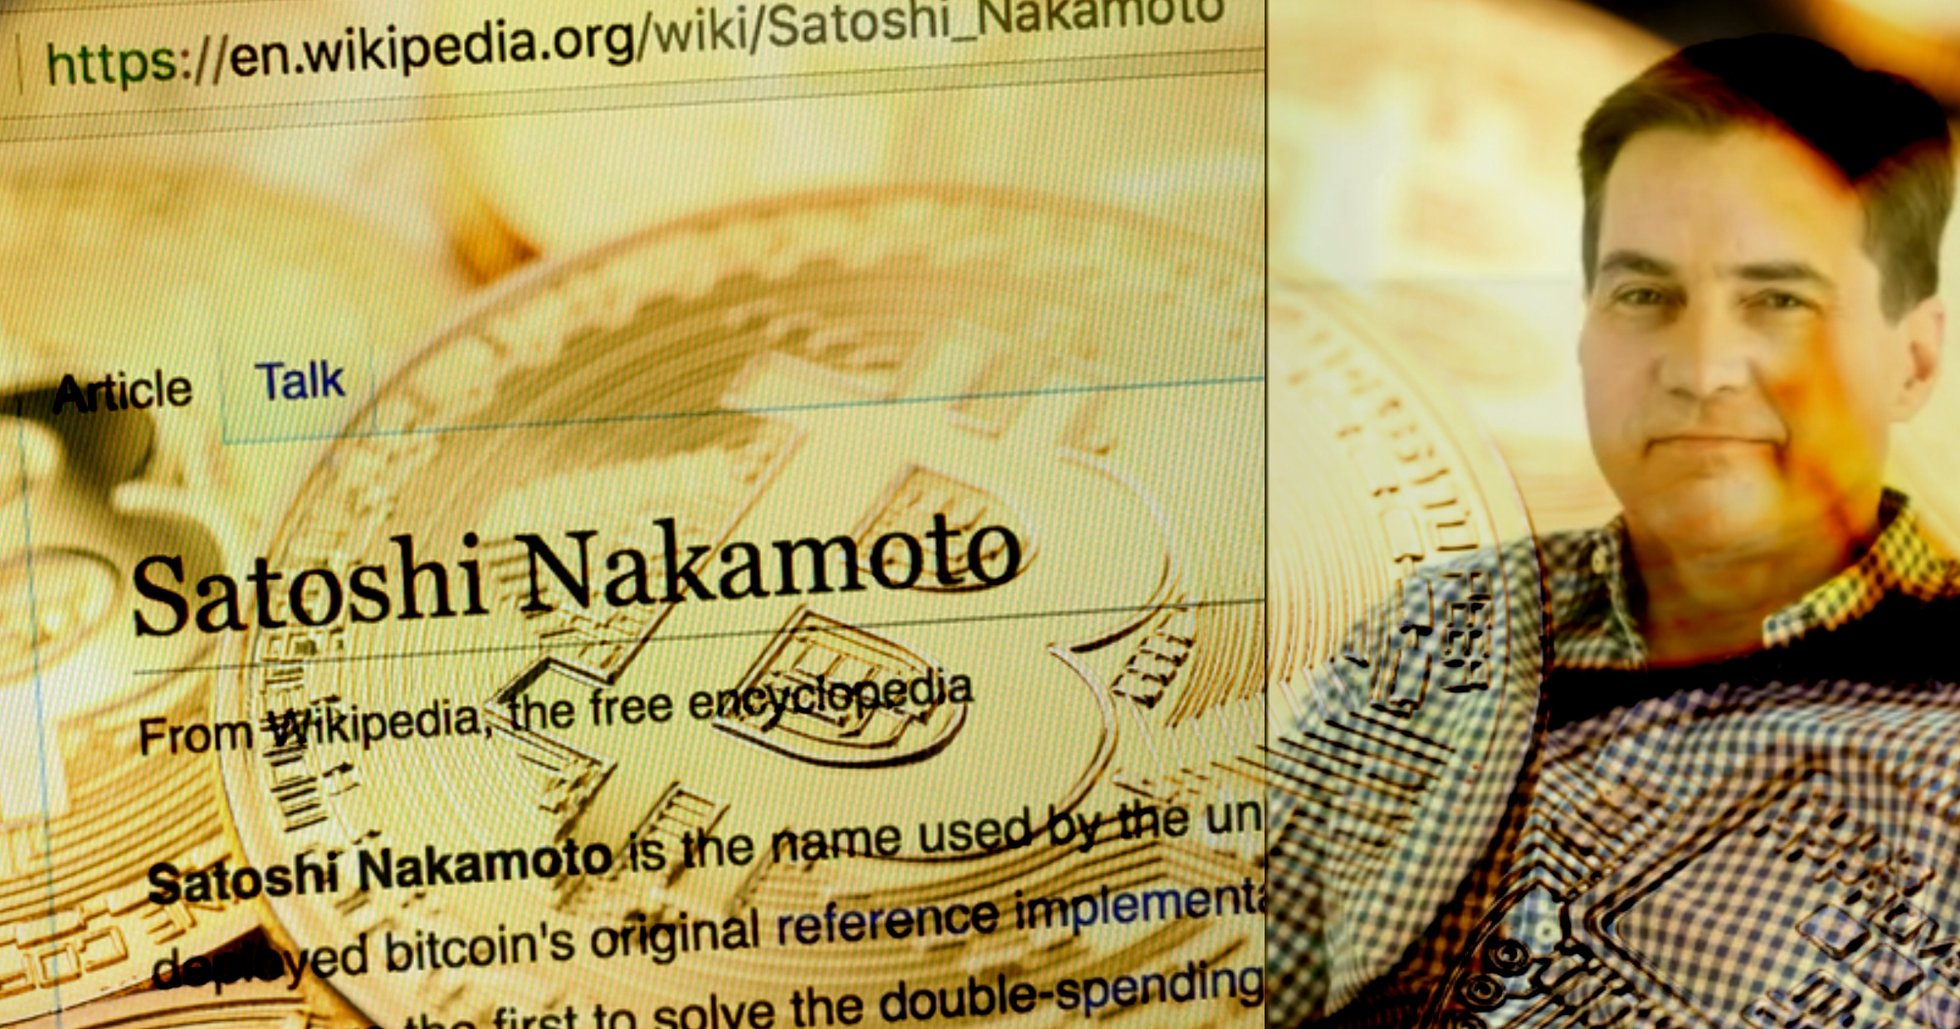 Craig Wright: Så kom jag på namnet Satoshi Nakamoto när jag grundade bitcoin